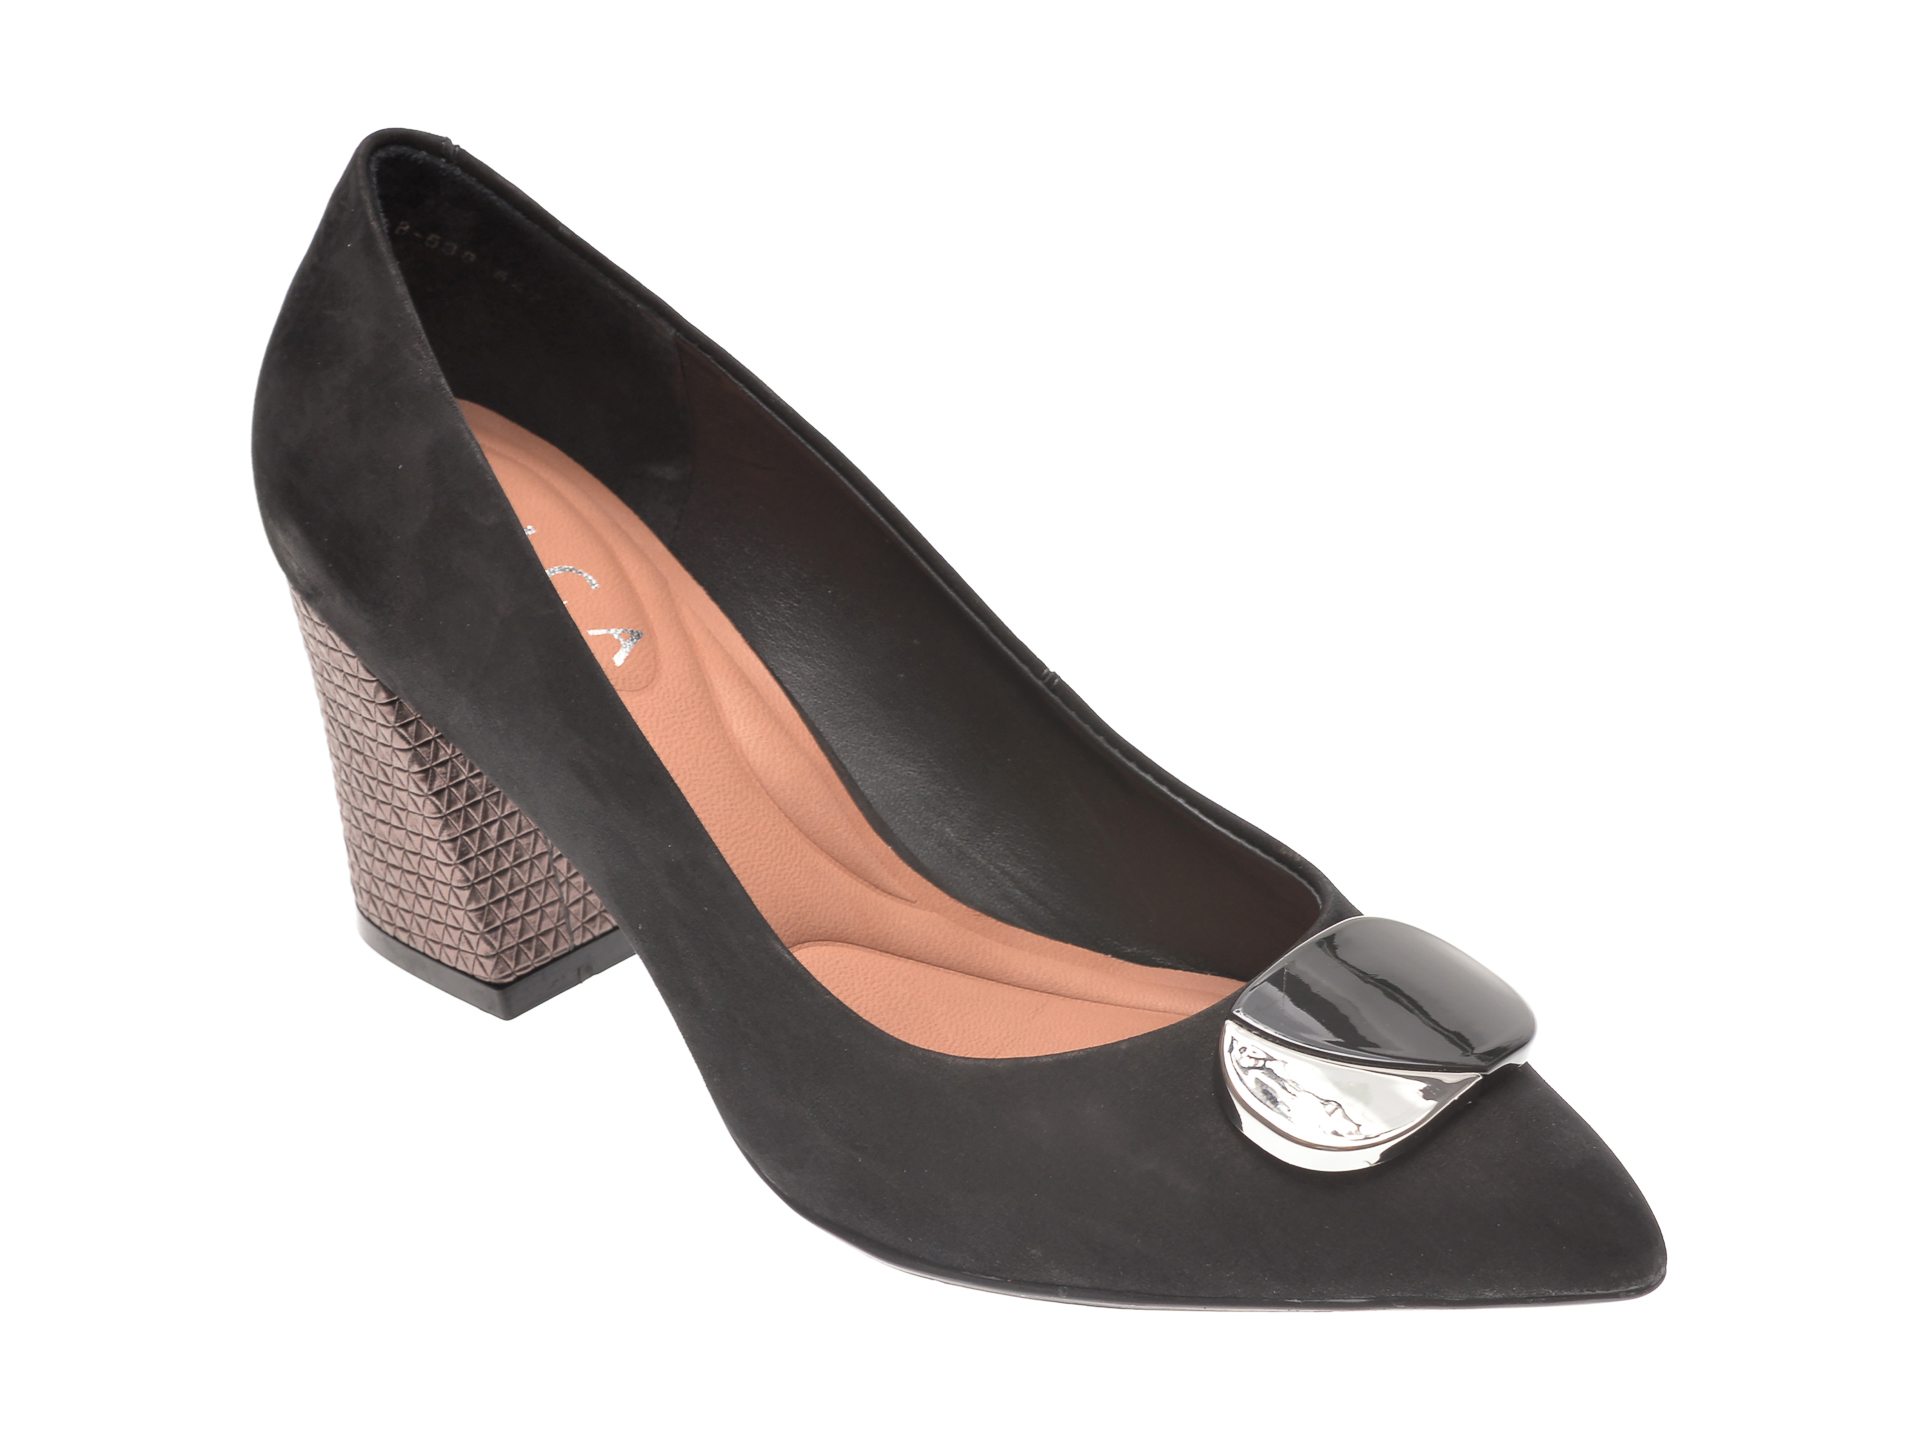 Pantofi EPICA negri, 9628538, din nabuc imagine otter.ro